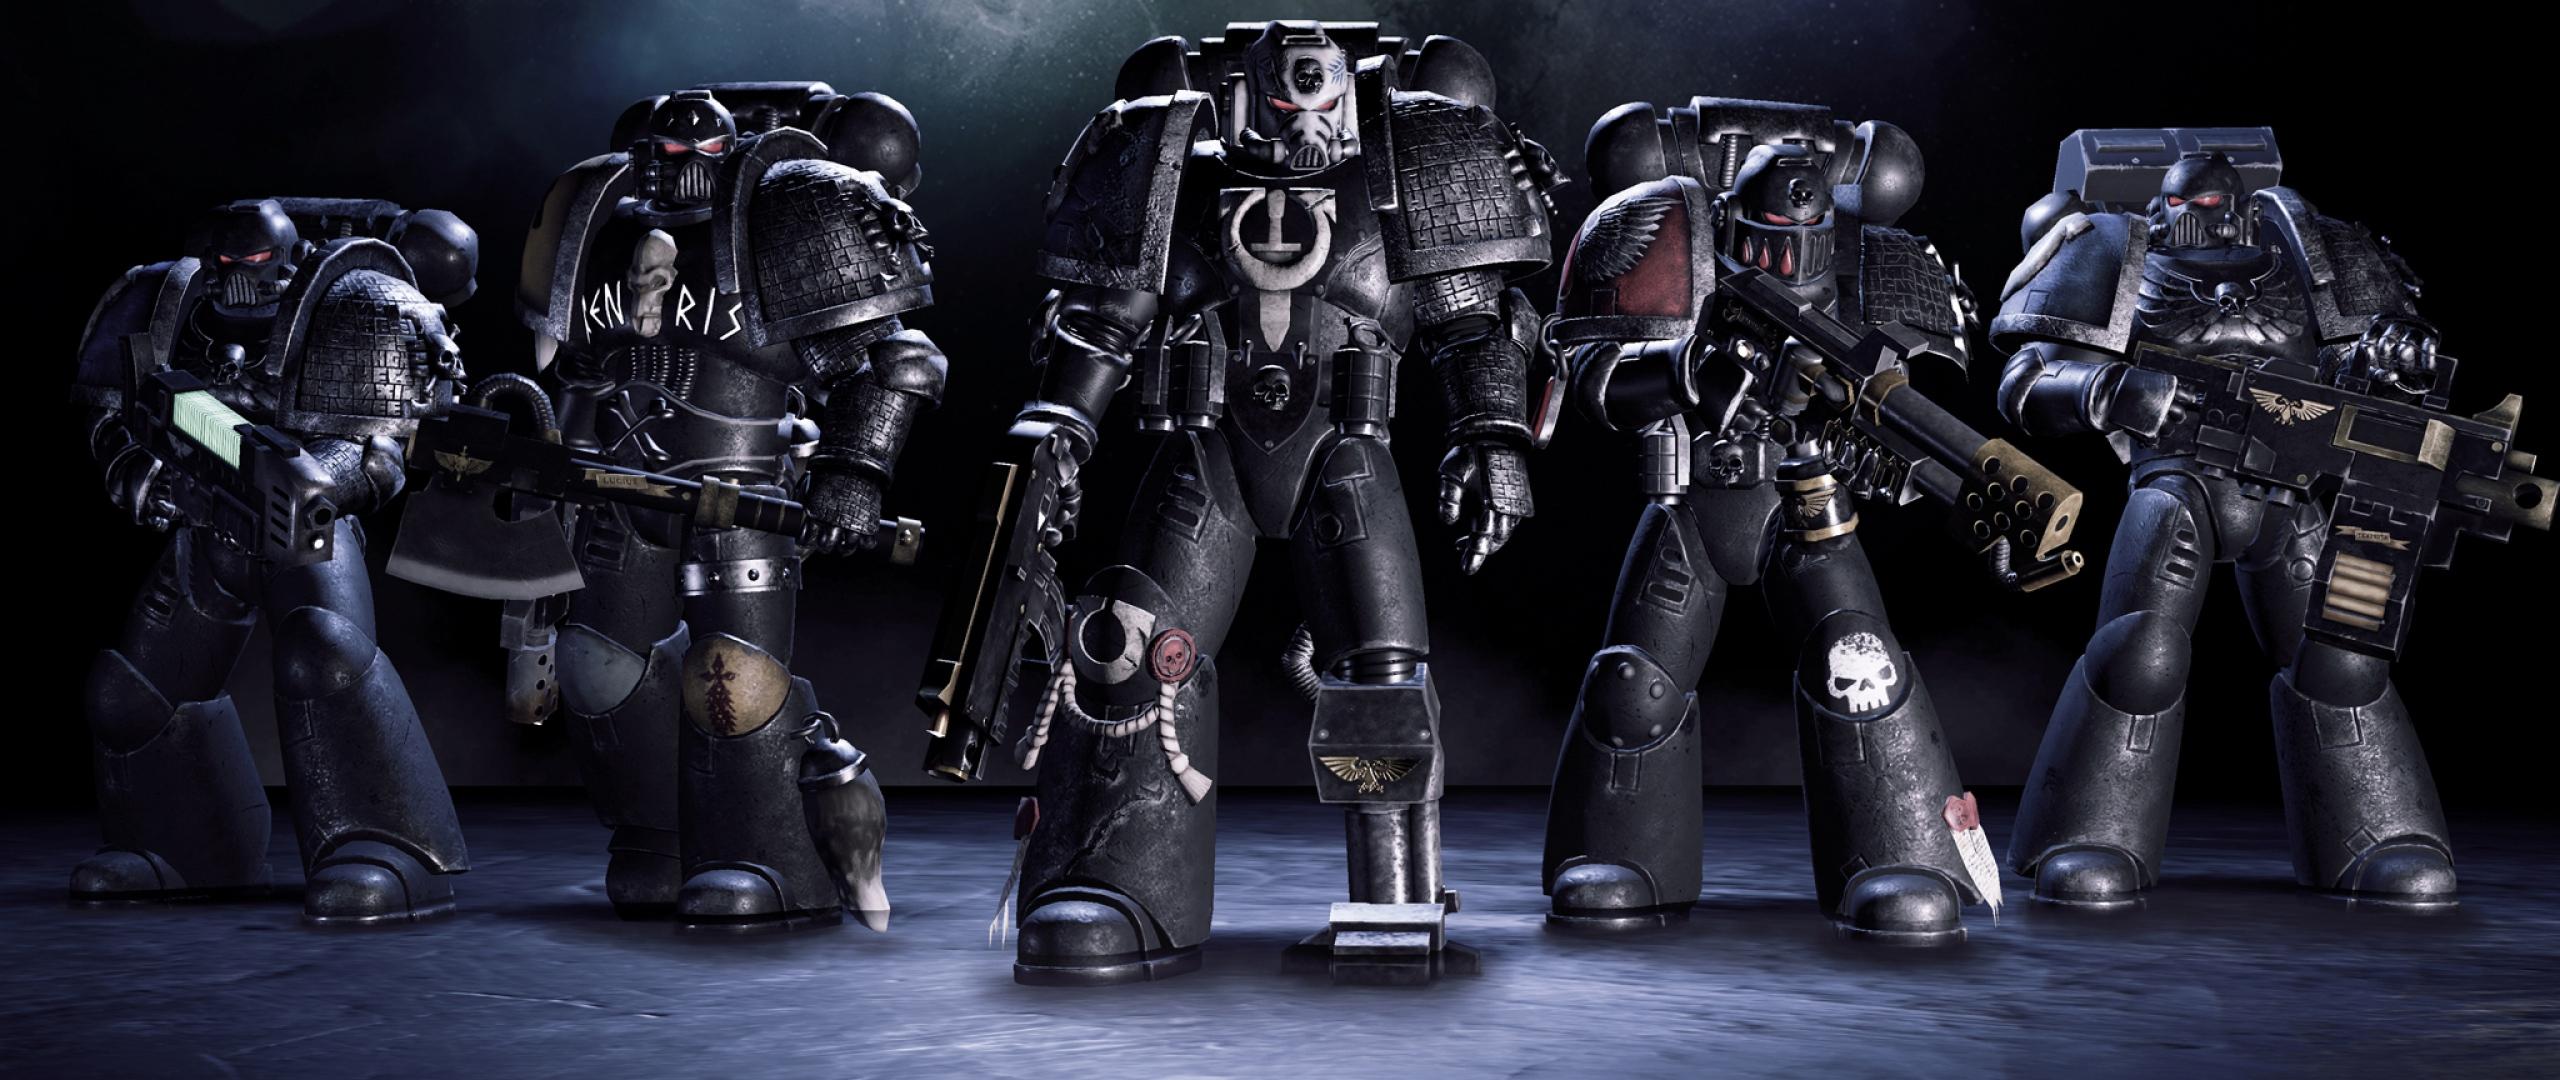 warhammer_40k_deathwatch_tyranid_invasion_soldiers_armor_weapons_109320_2560x1080.jpg